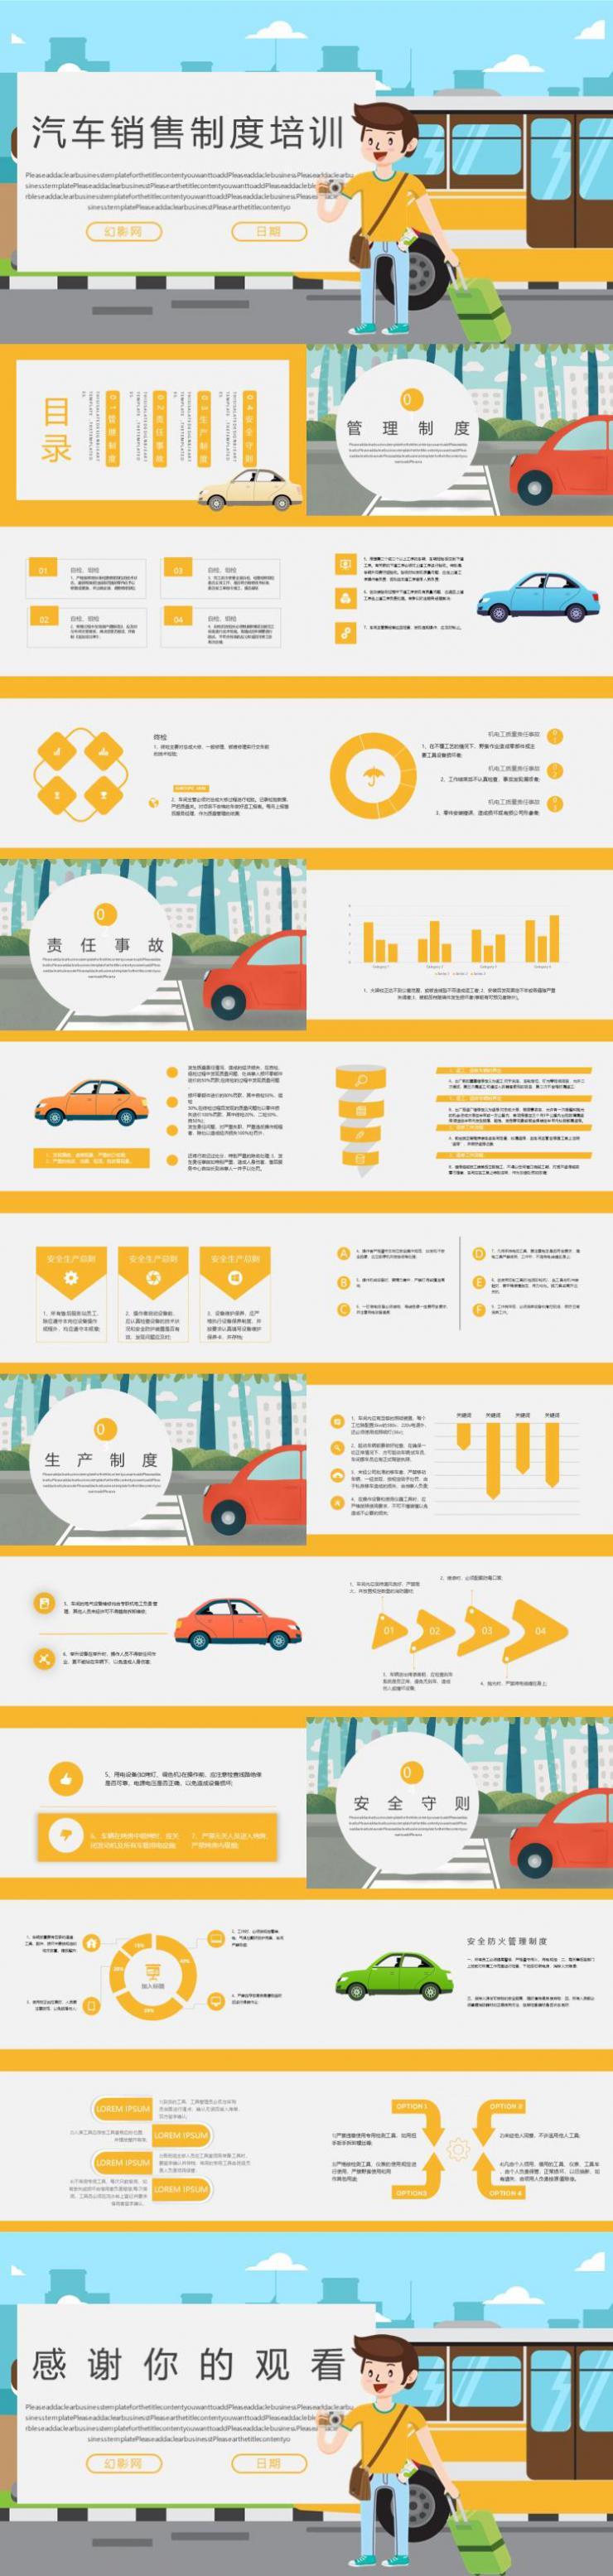 汽车销售制度培训PPT模板